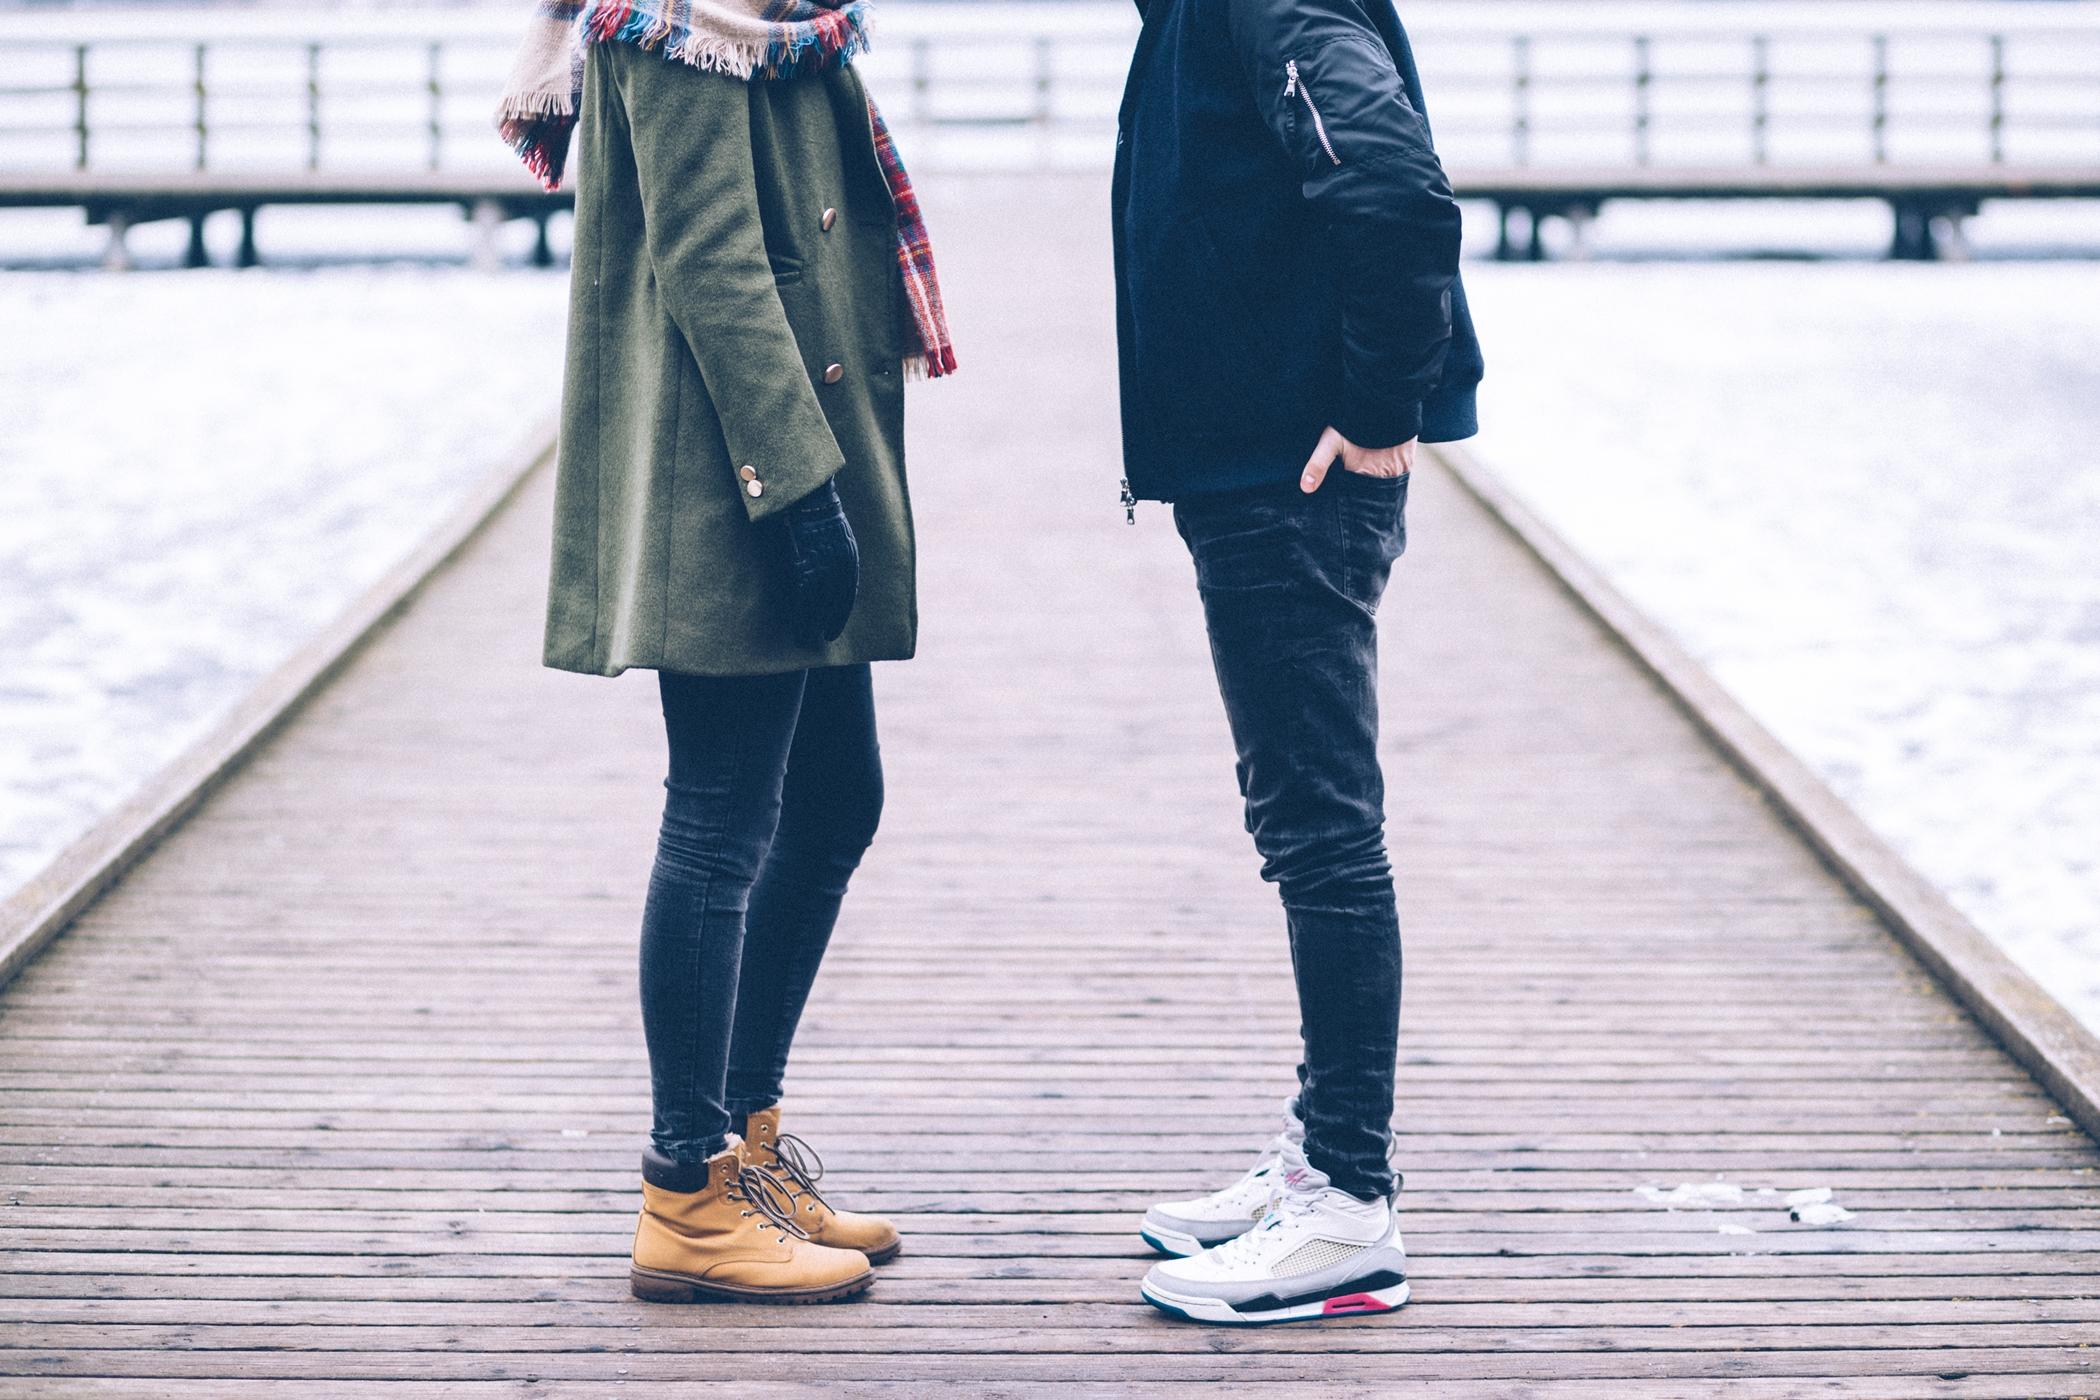 Výsledek obrázku pro Romantická láska zničila vztahy